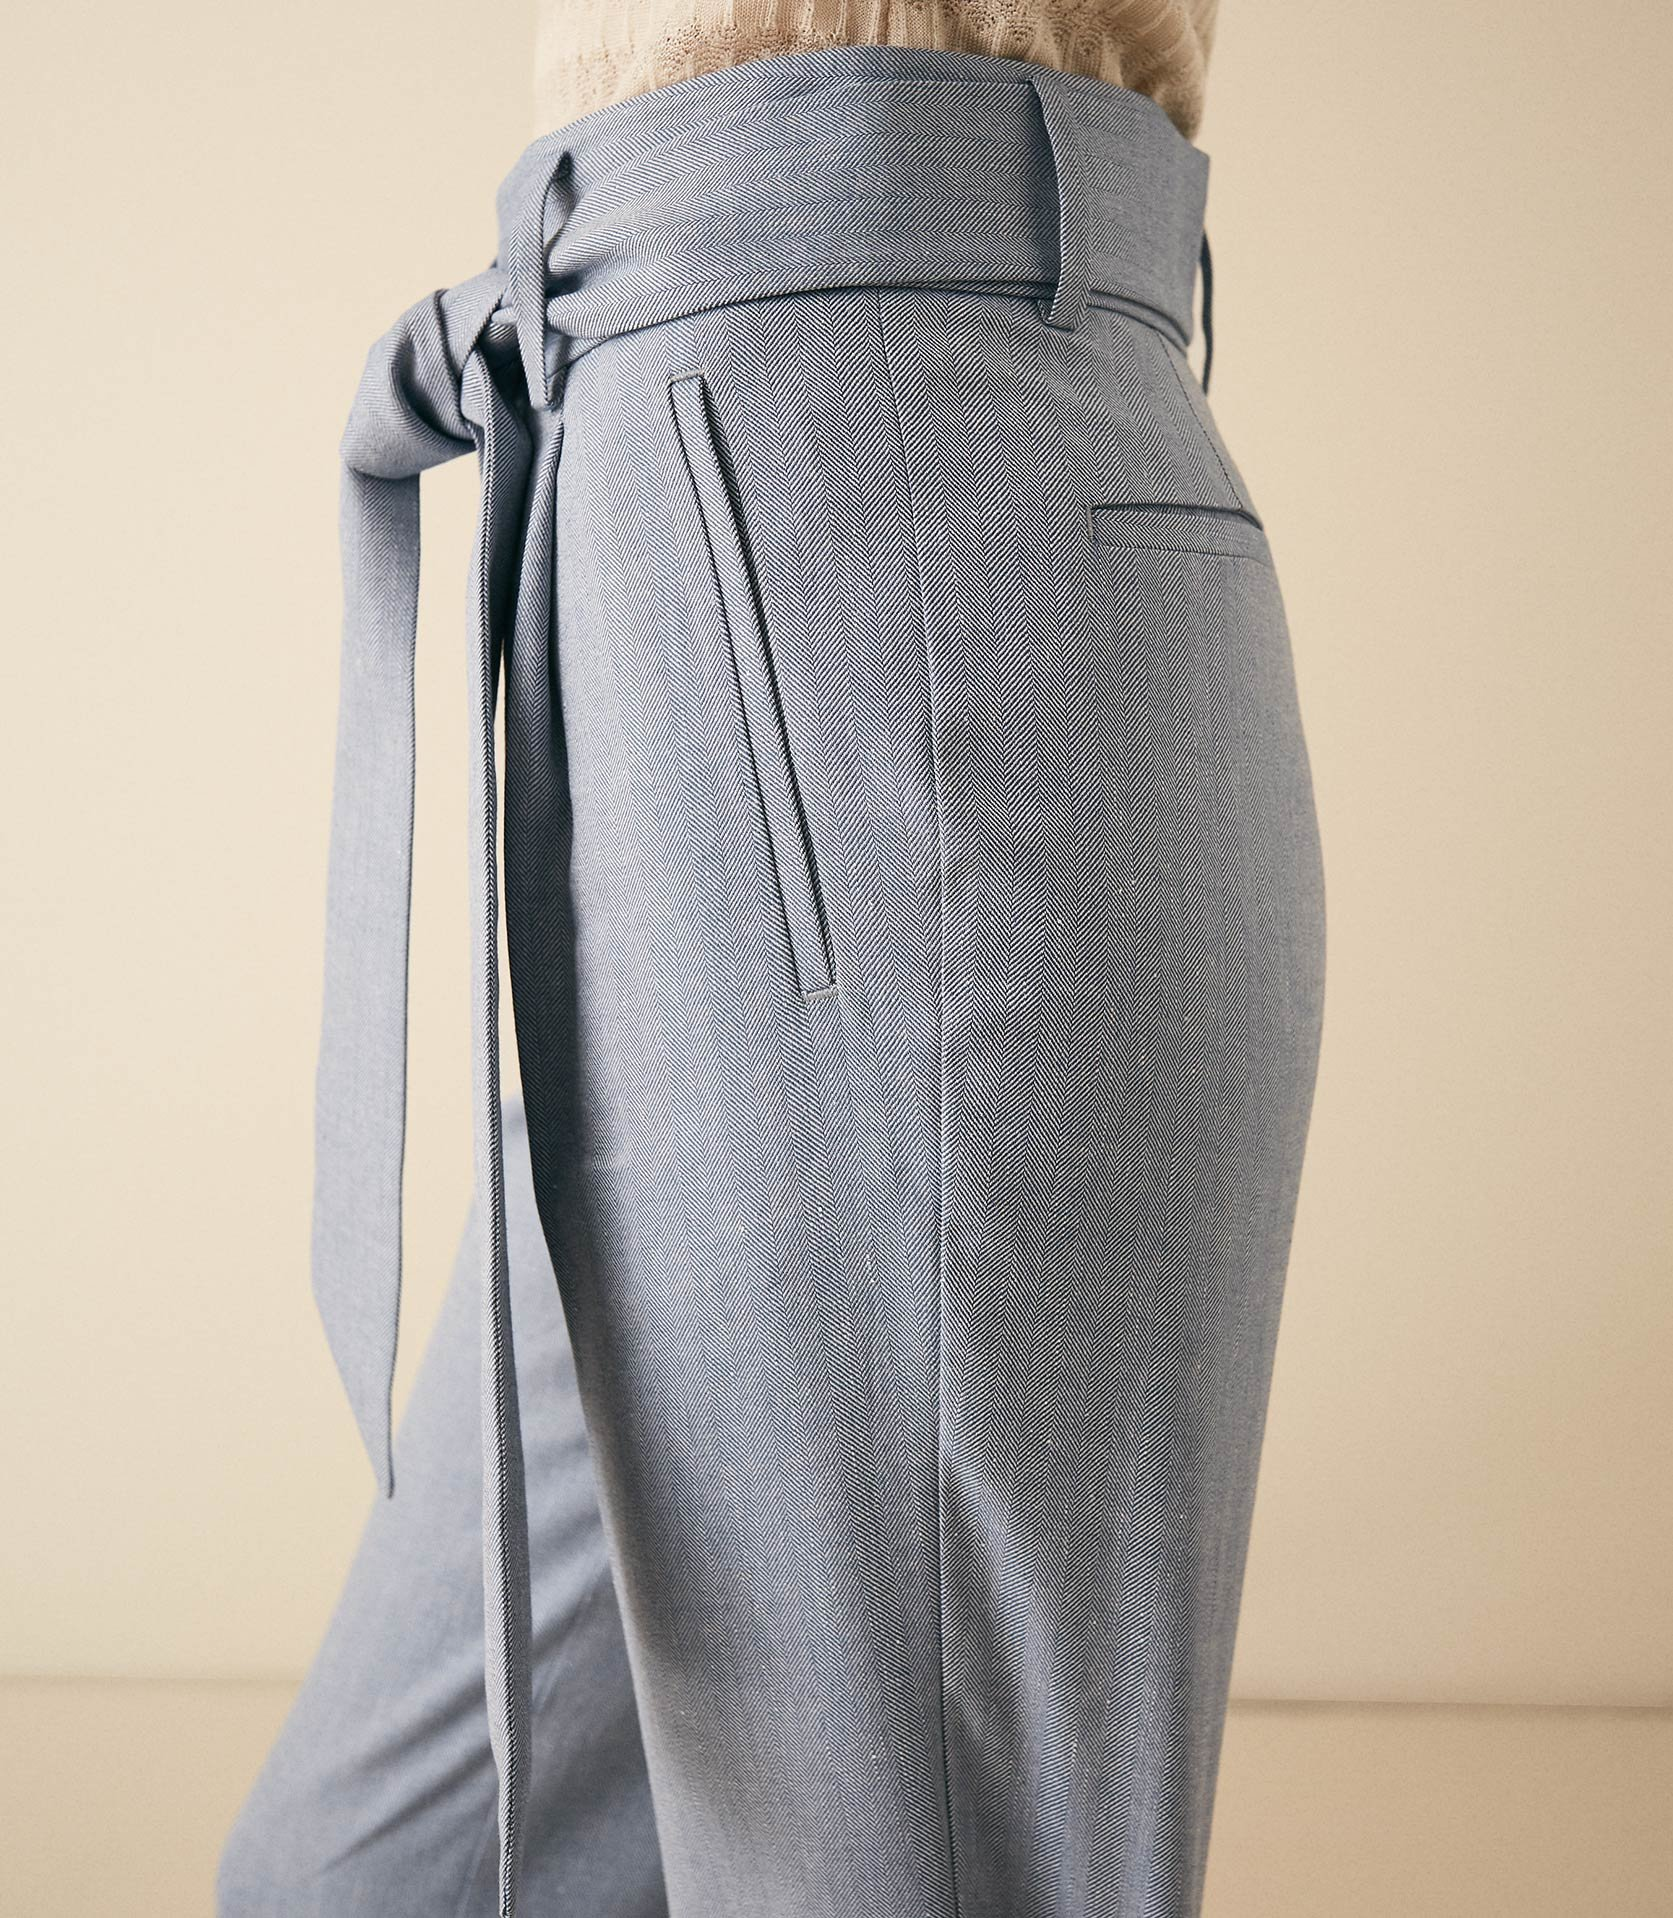 Reiss Isabel - Linen Blend Herringbone Trousers in Blue